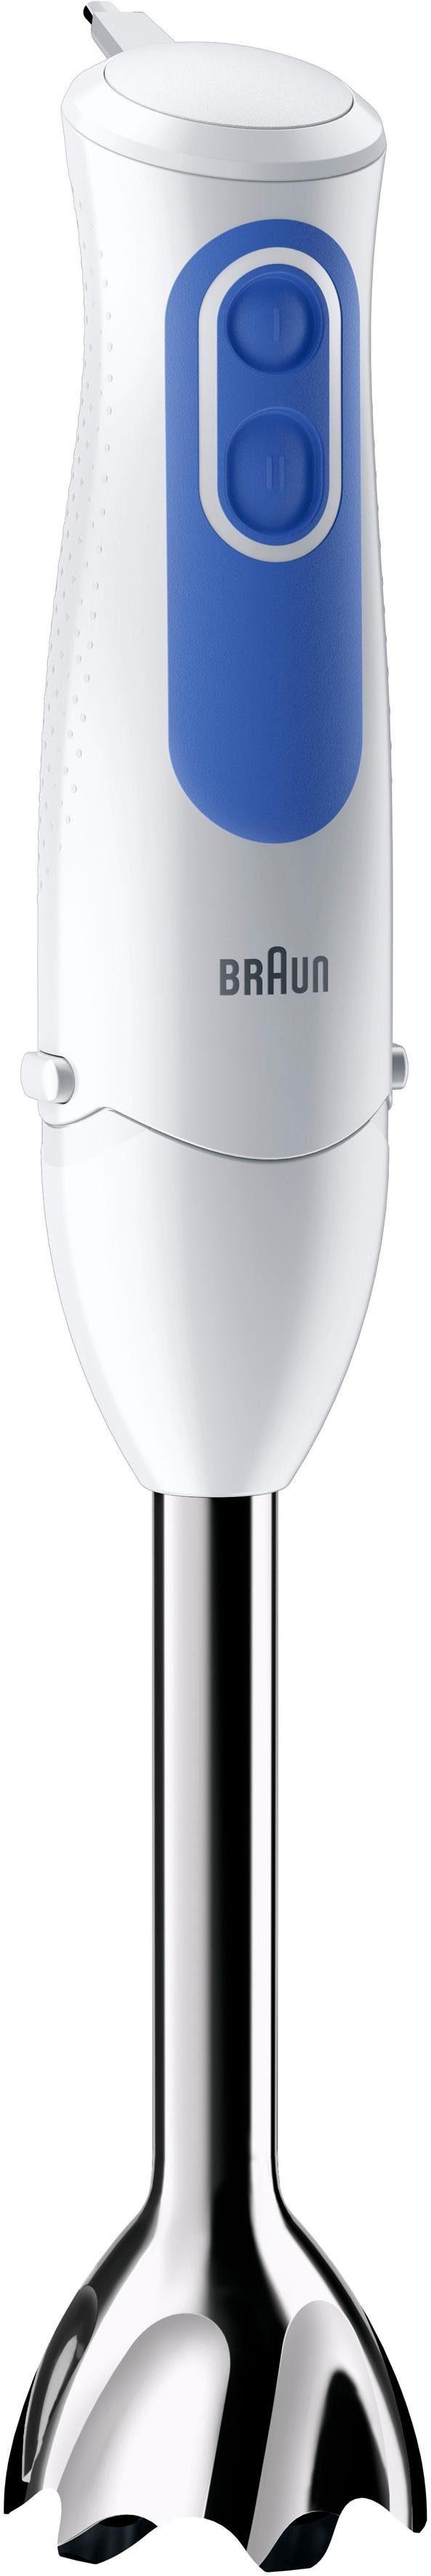 Braun staafmixer MQ 3005 cream